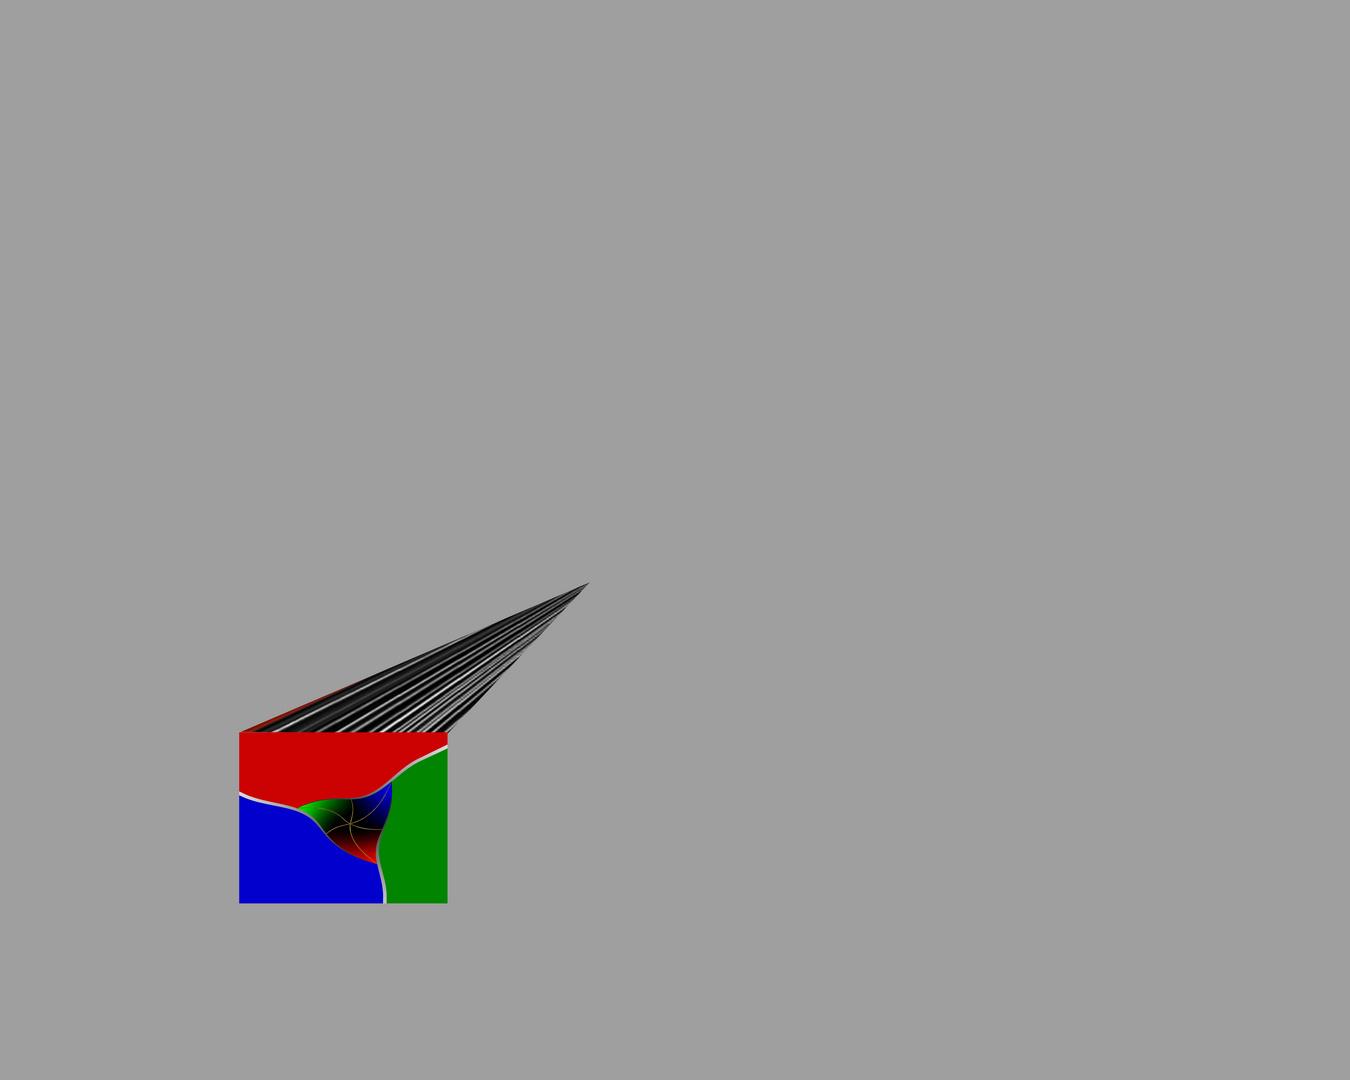 MW 2013.03.04. [wip 18]